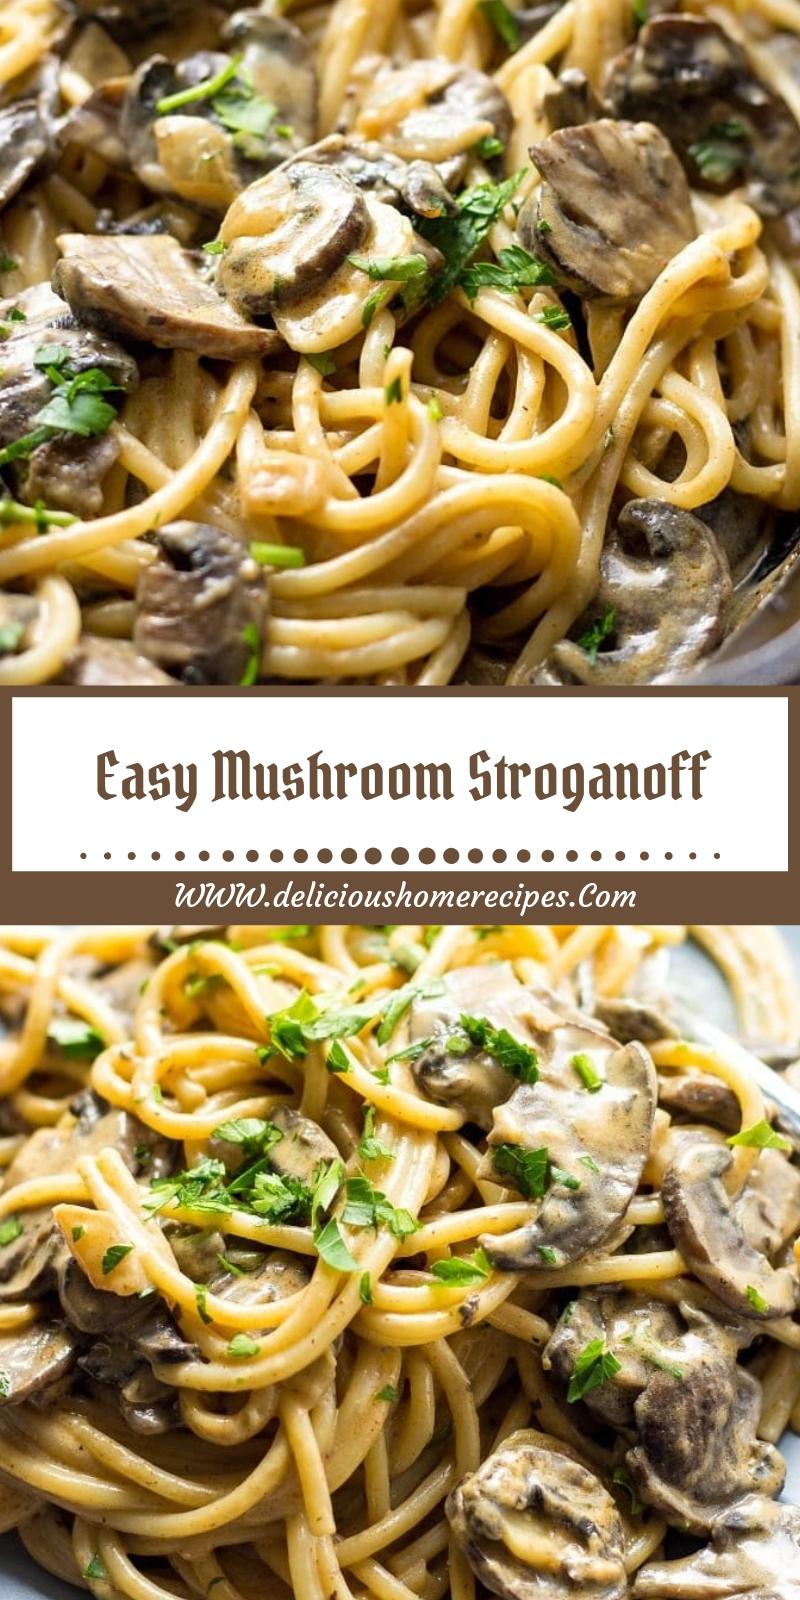 Easy Mushroom Stroganoff